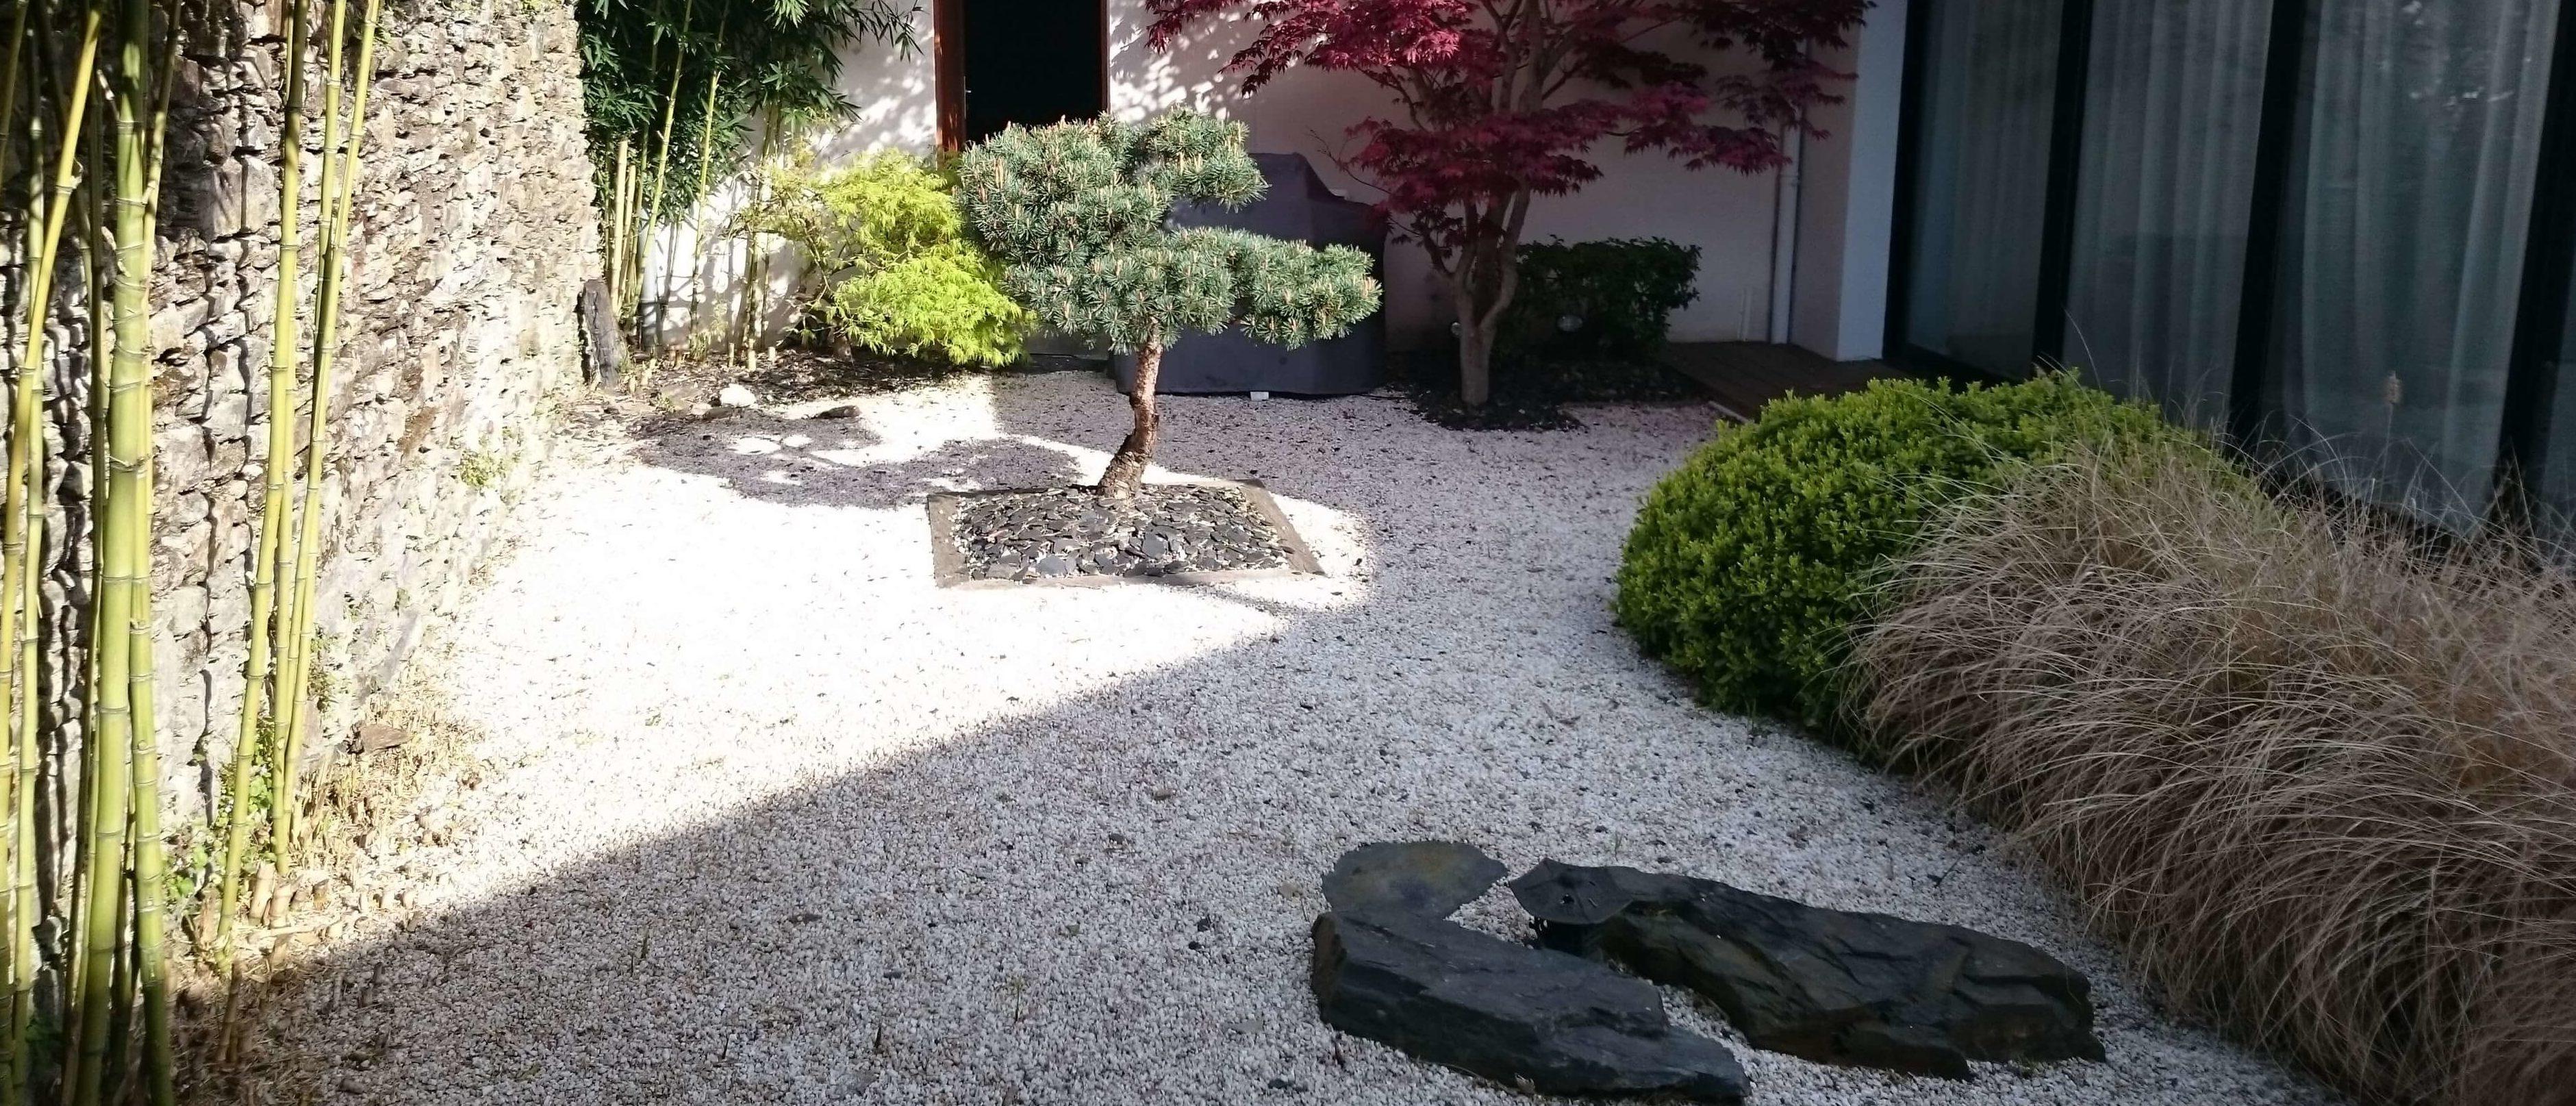 Jardin-japopnais-AR-Paysage-Nantes-44-copie-e1586009932179